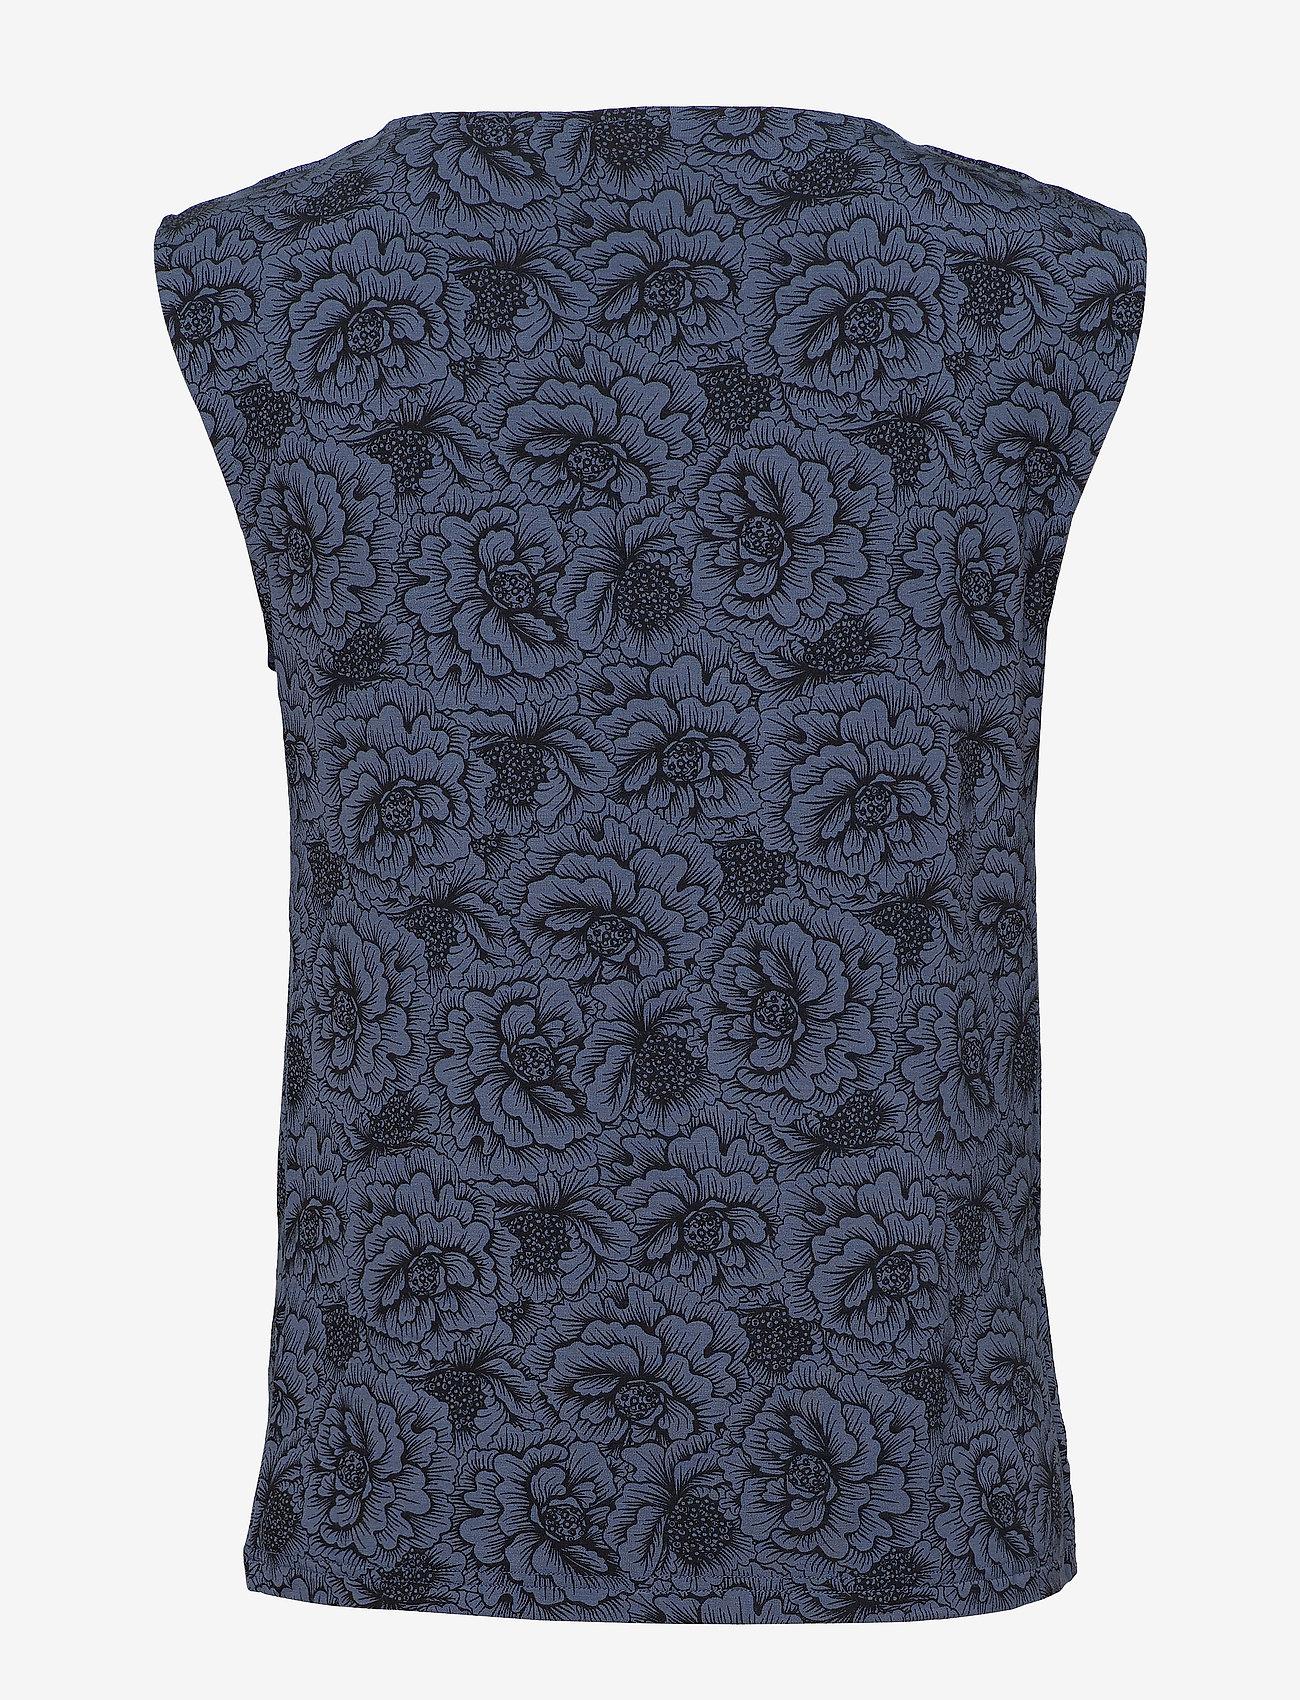 Rosemunde - T-shirt ss - ermeløse bluser - true navy rose print - 1